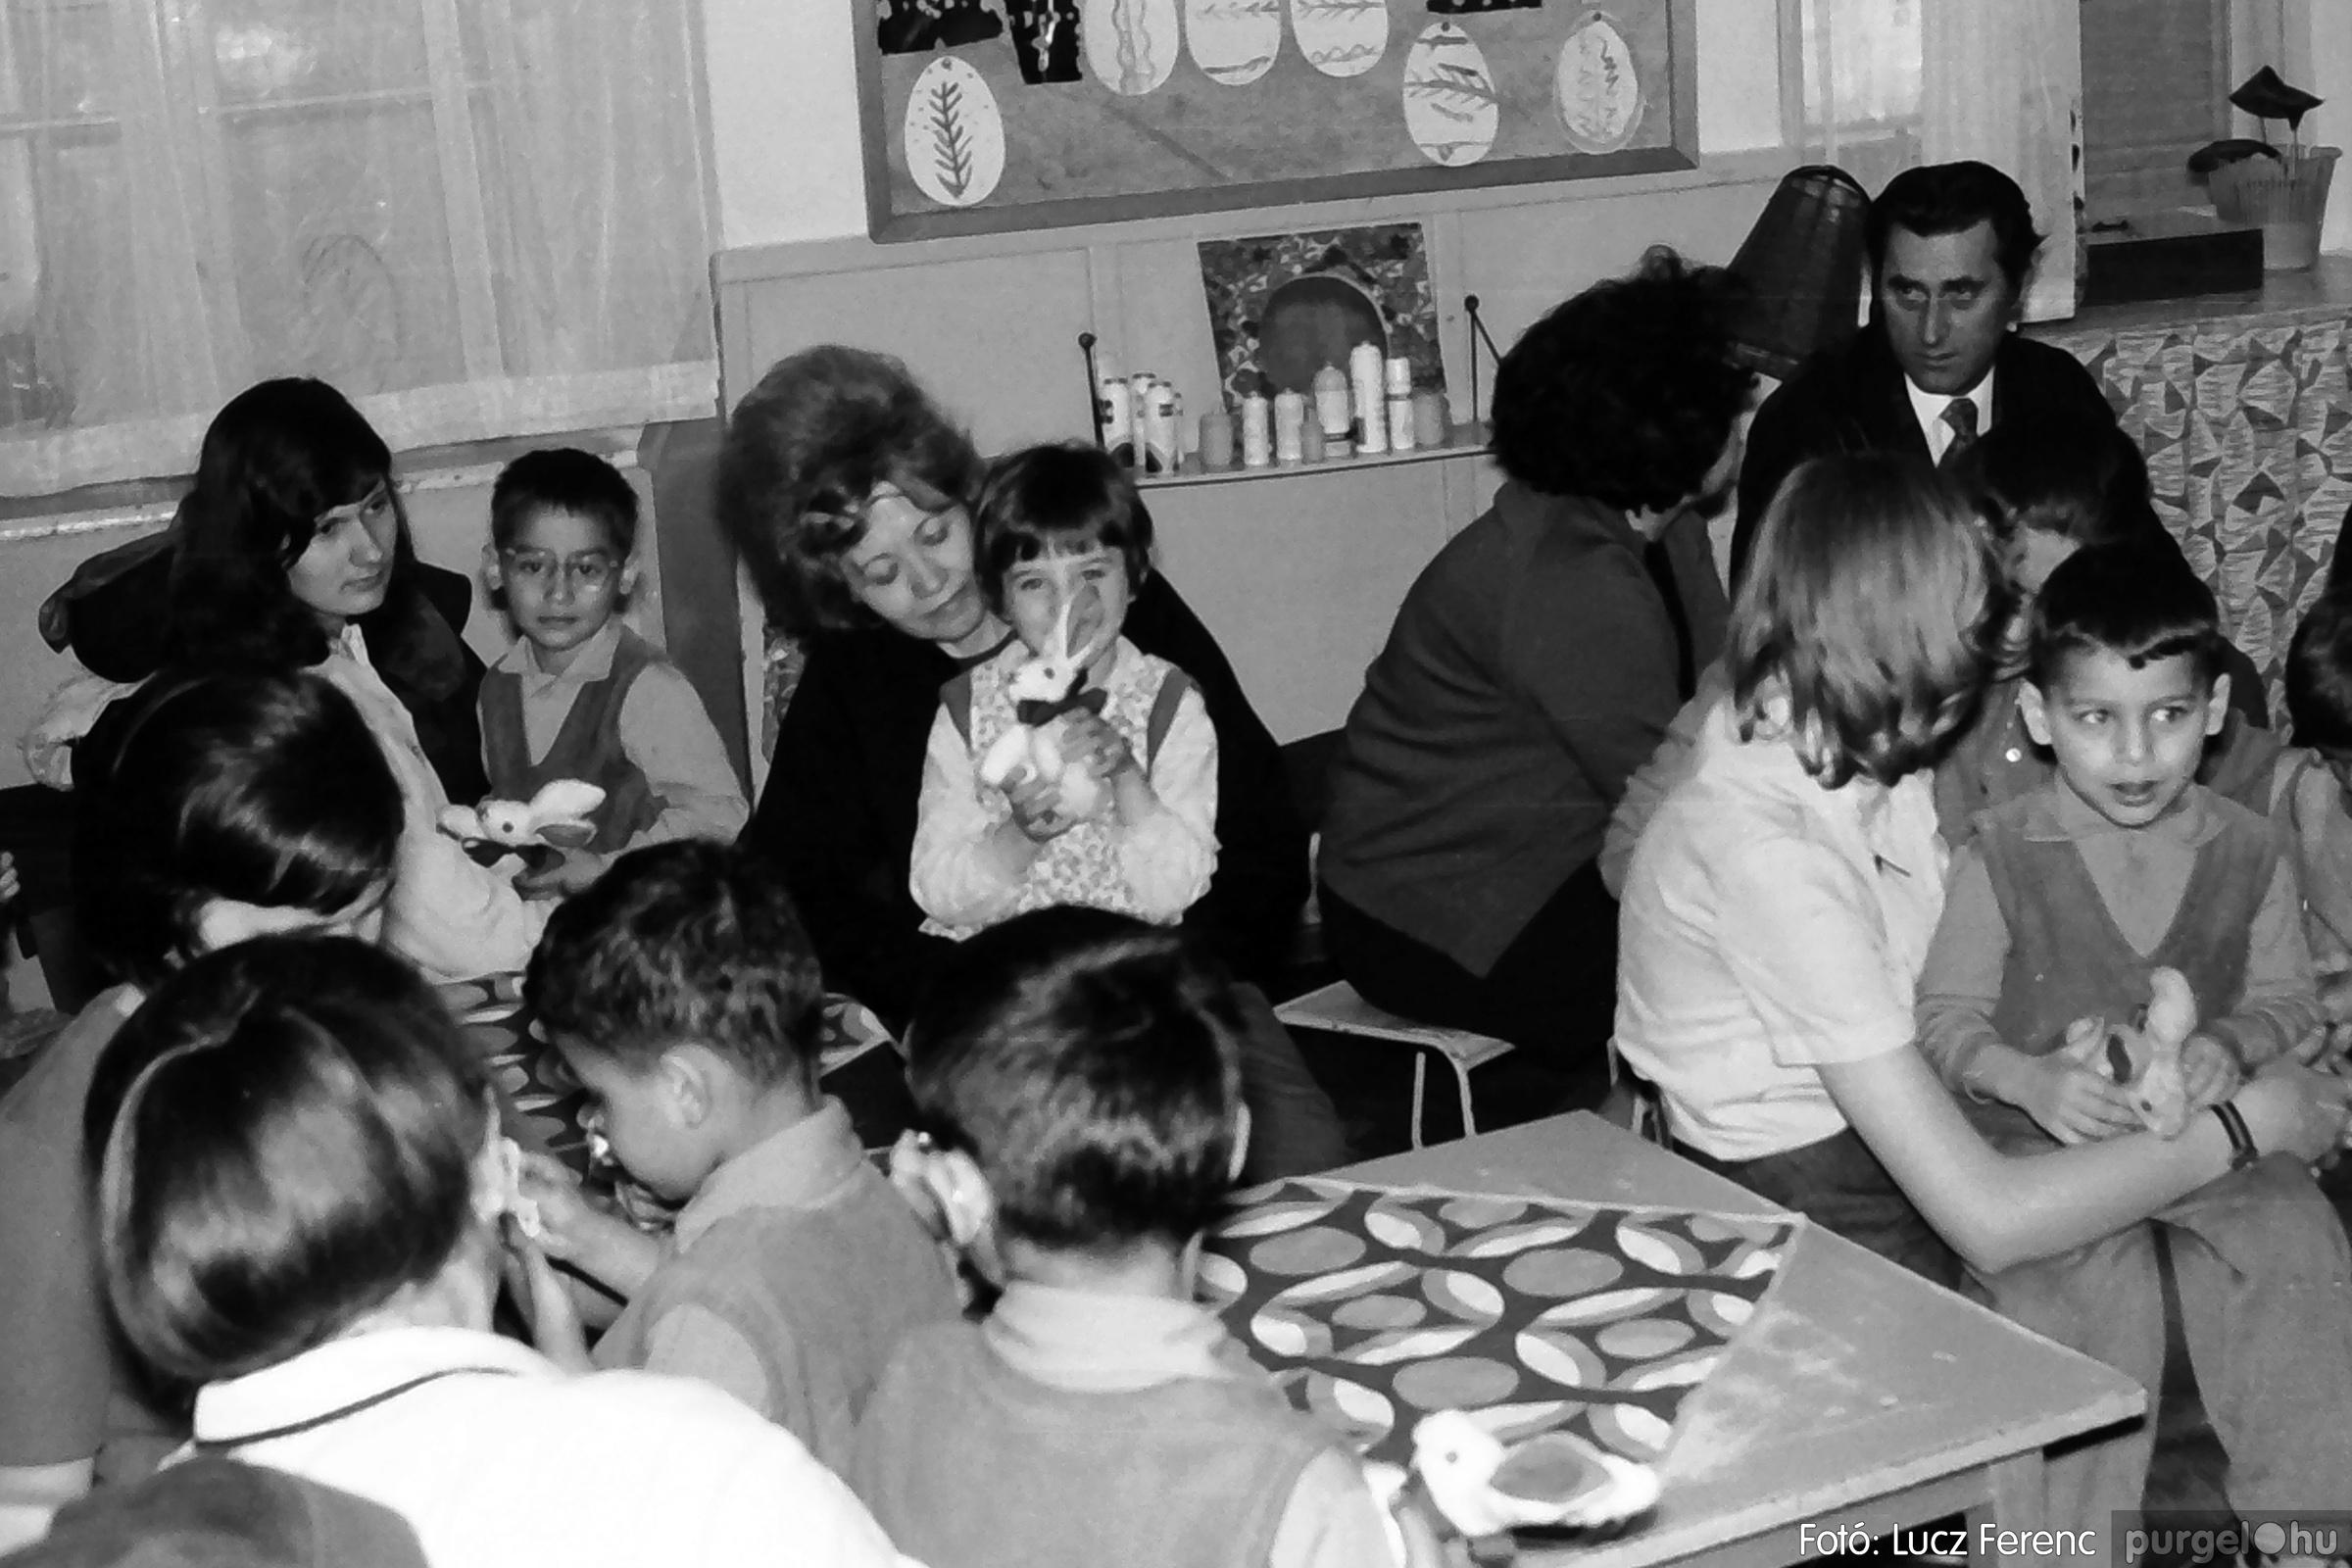 044. 1976. Látogatás a gyermekotthonban 010. - Fotó: Lucz Ferenc.jpg